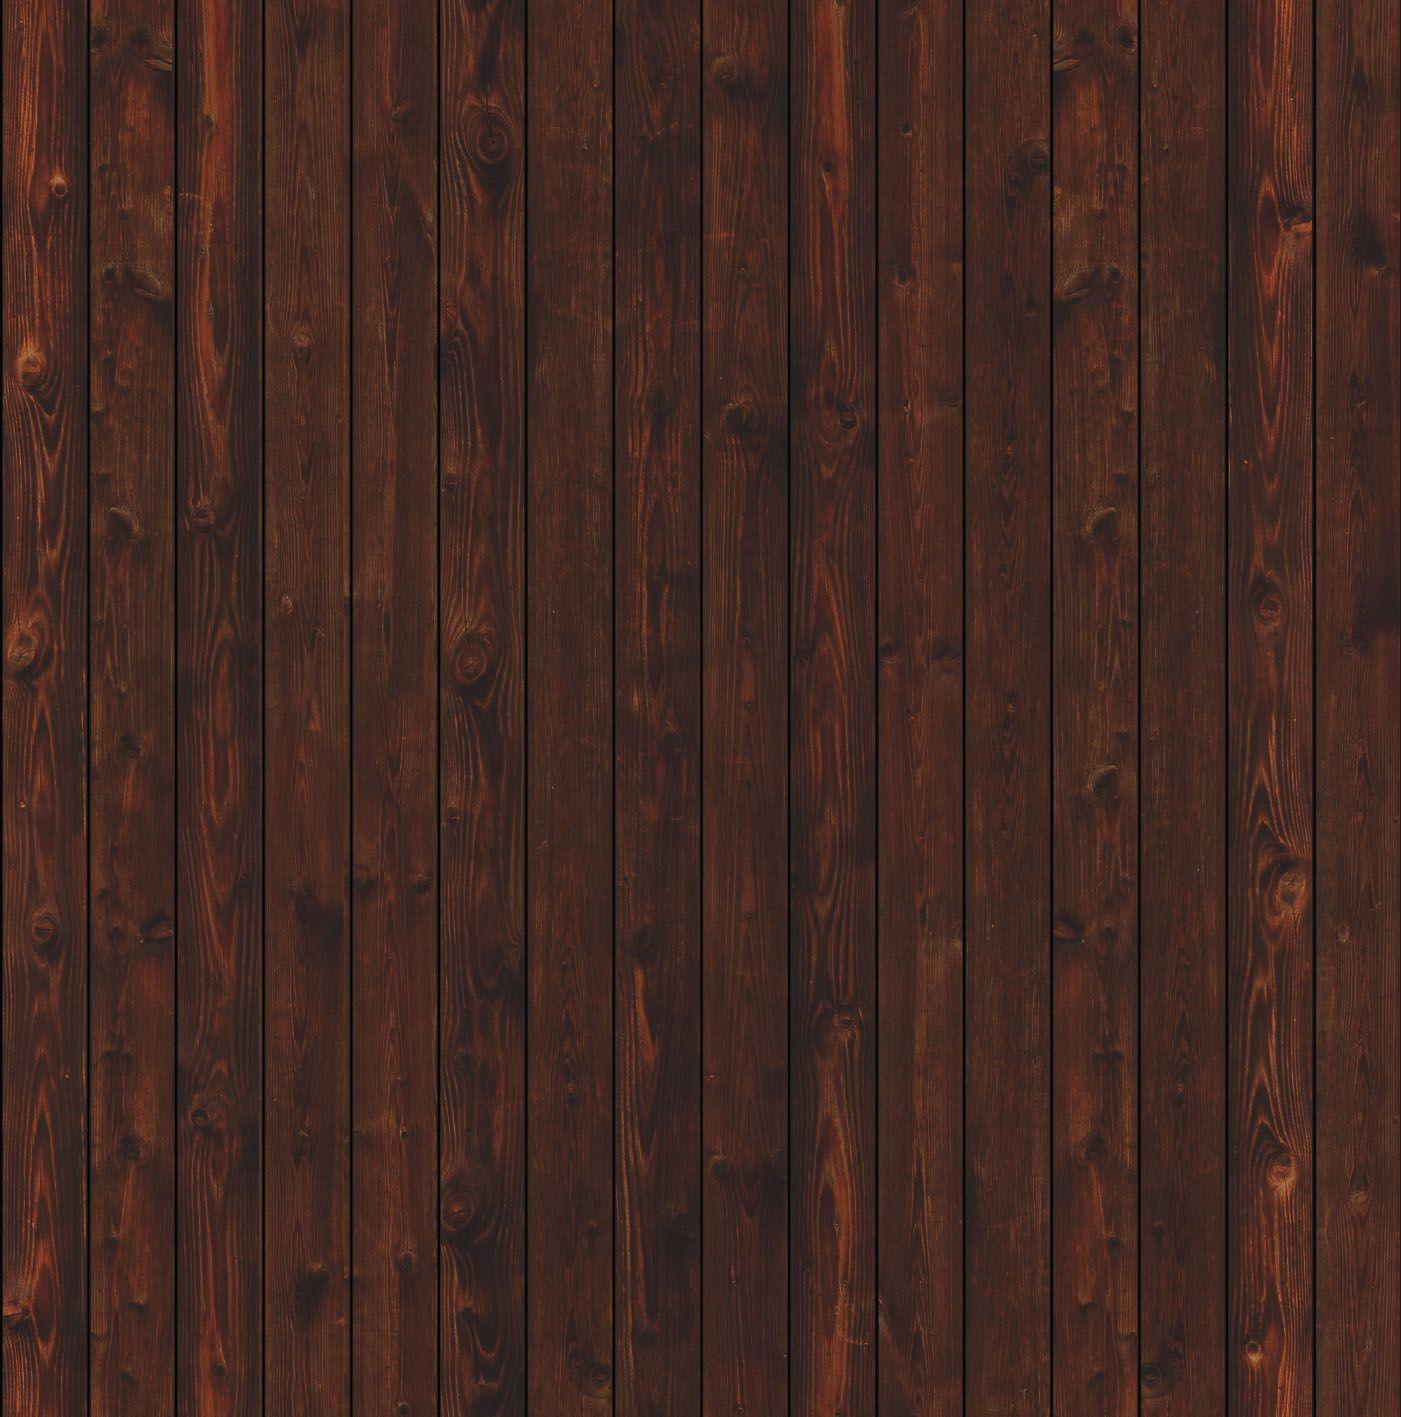 Texture Seamless Wood Mat Pinterest Texture Wood